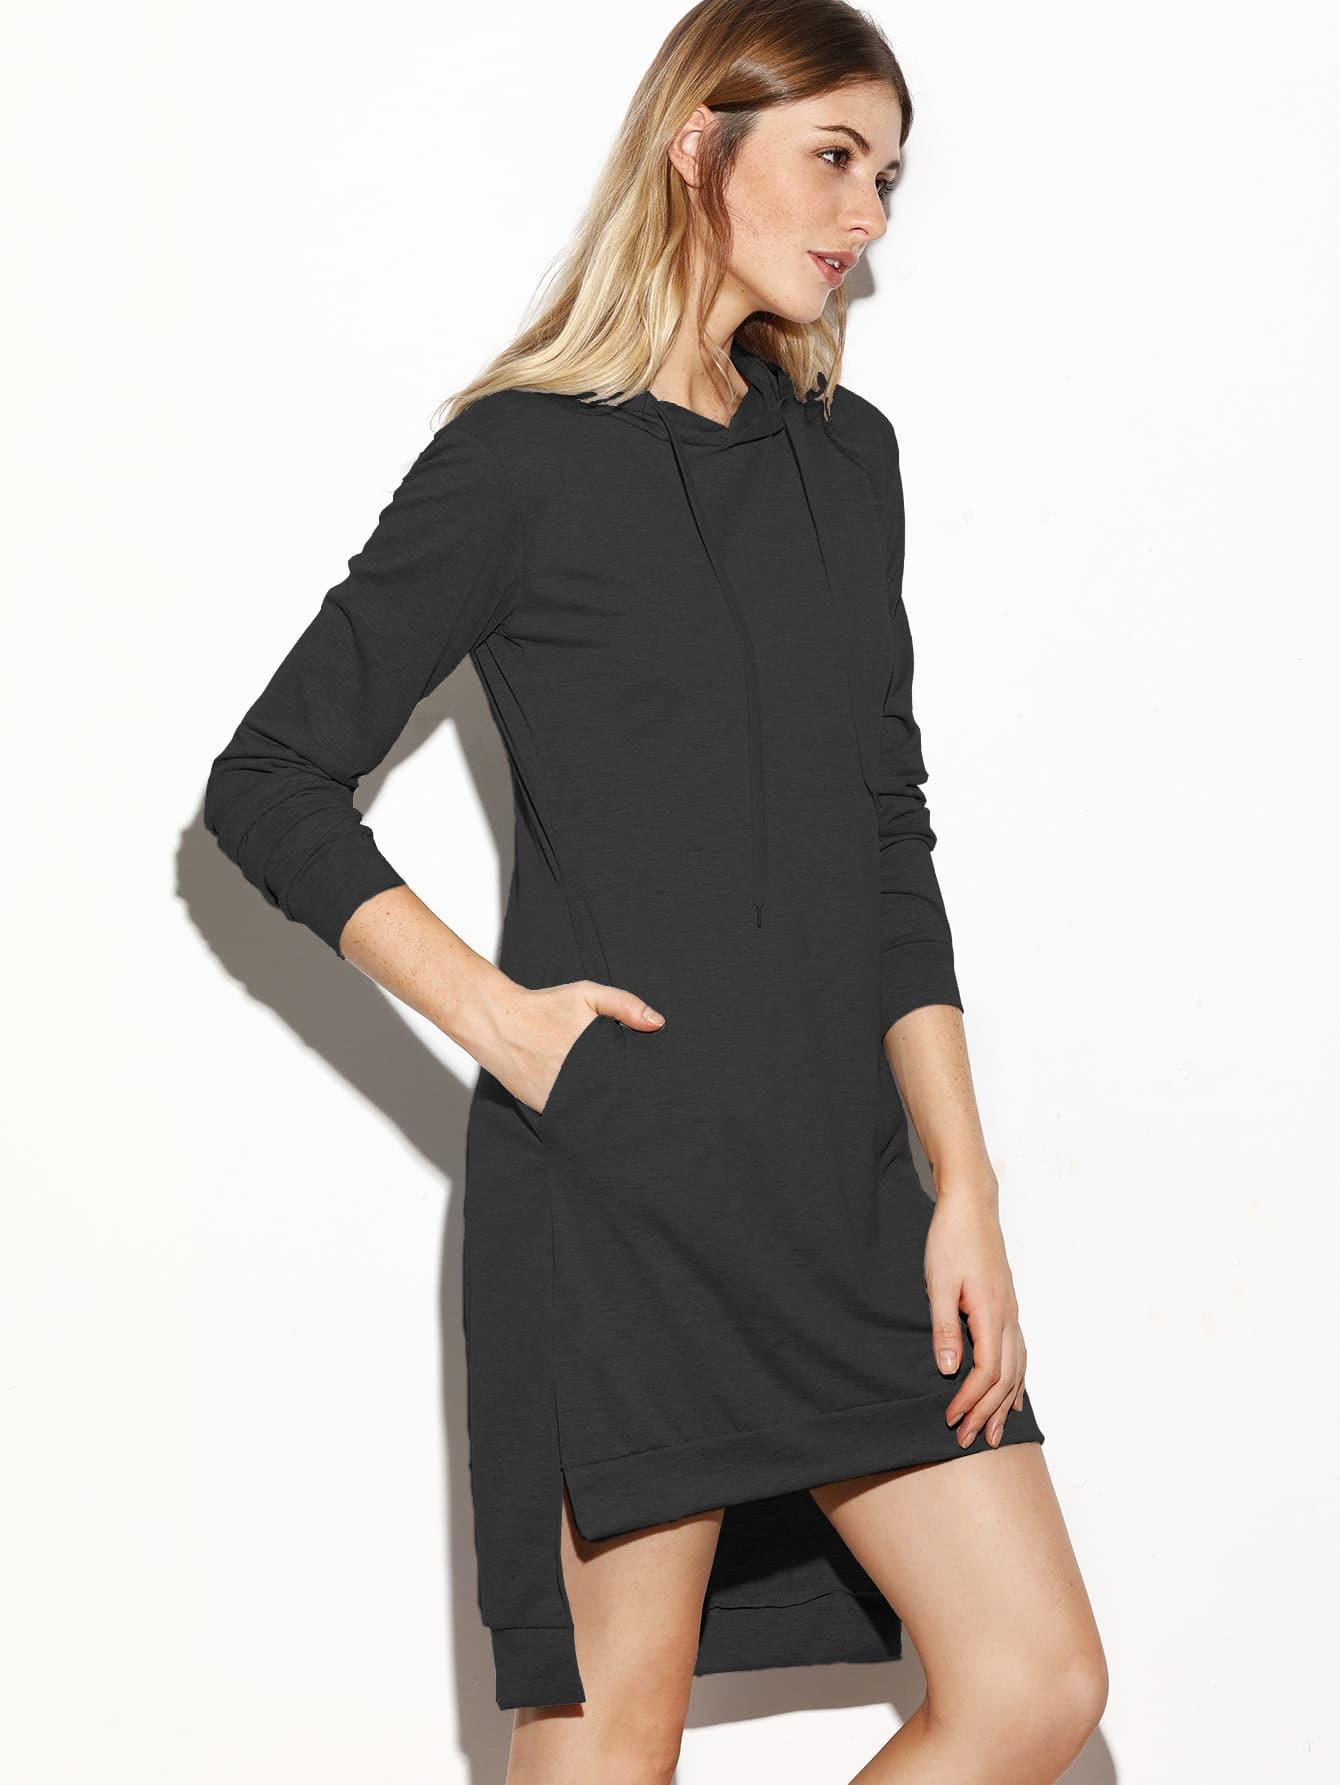 dress161209104_2